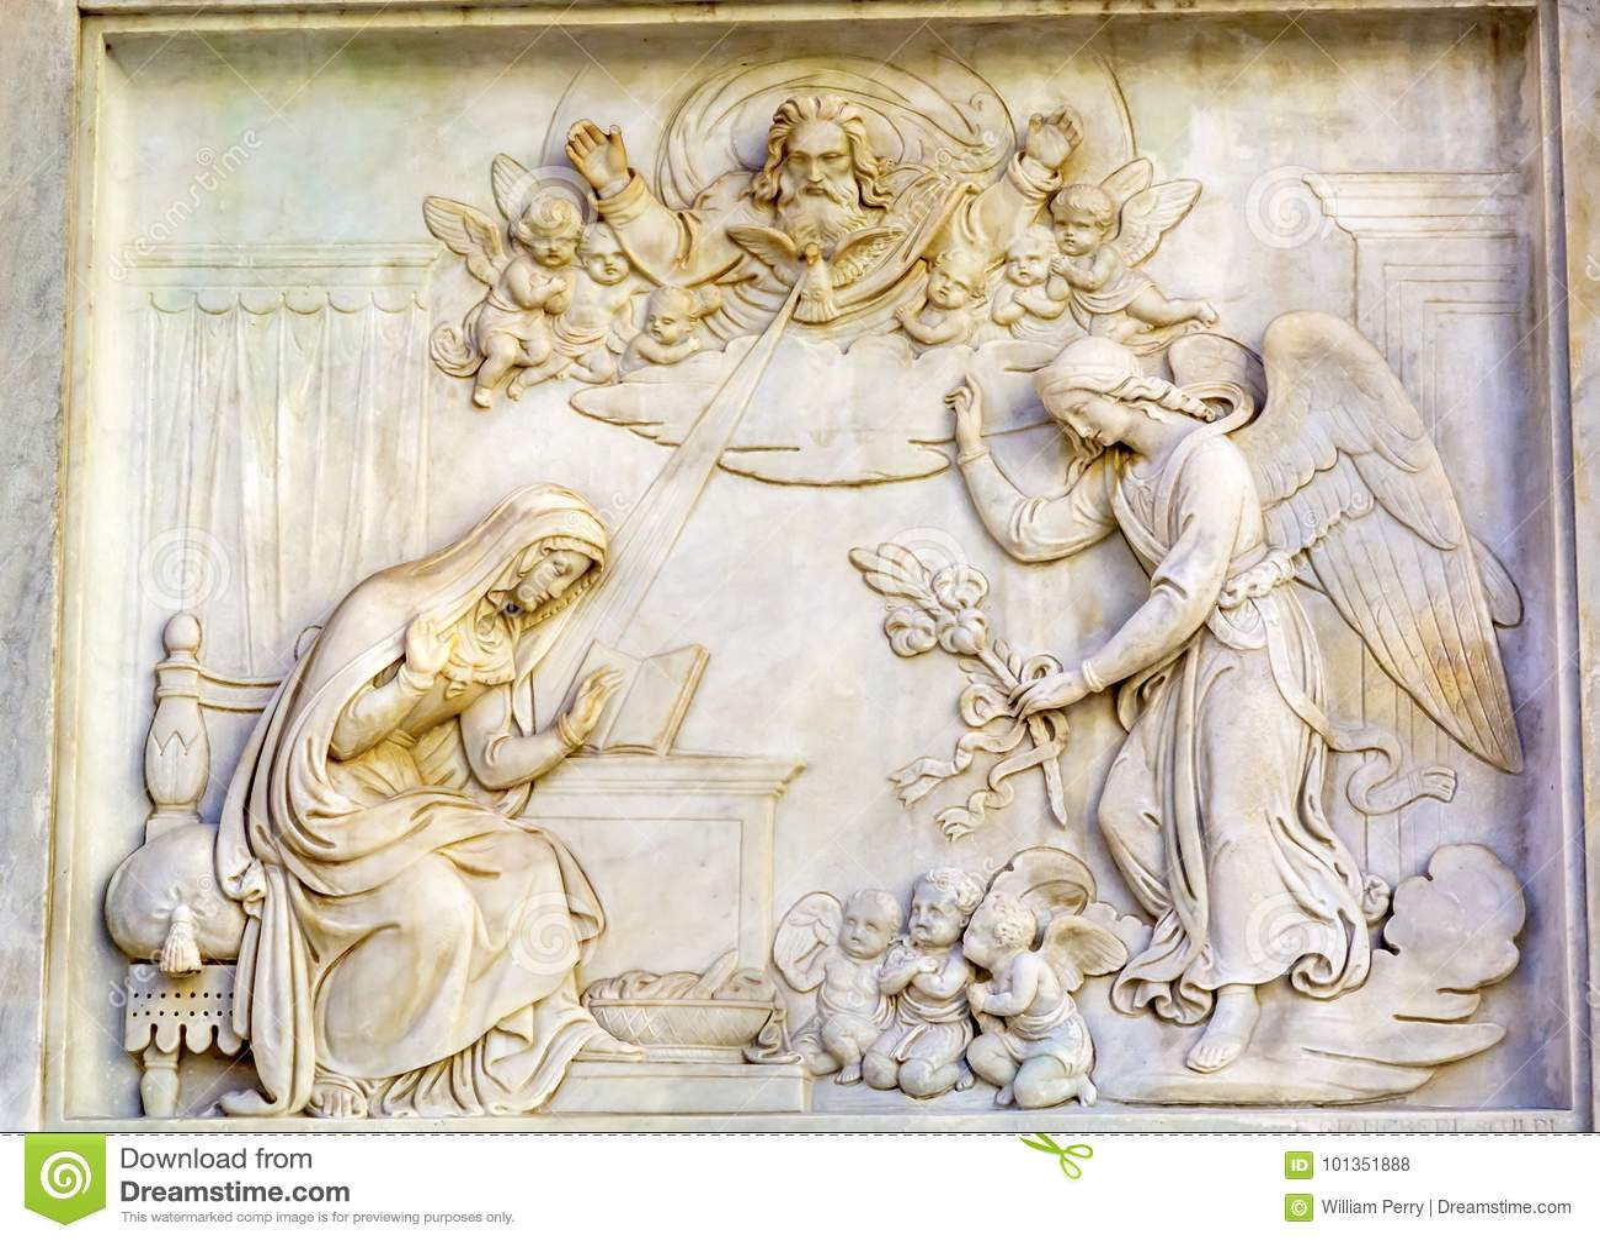 De Conceptie Colu van aankondigingsangel virgin mary statue immaculate